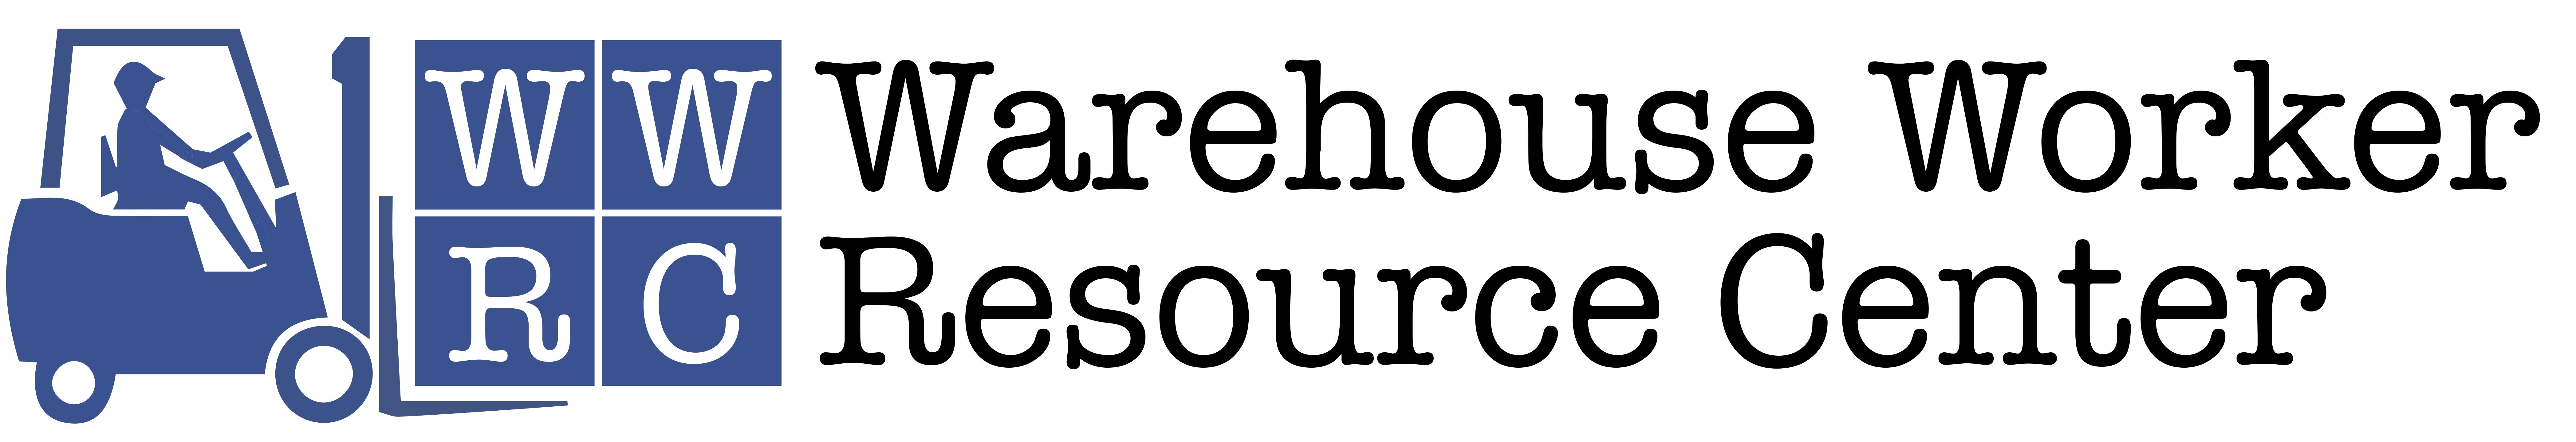 Warehouse Worker Resource Center